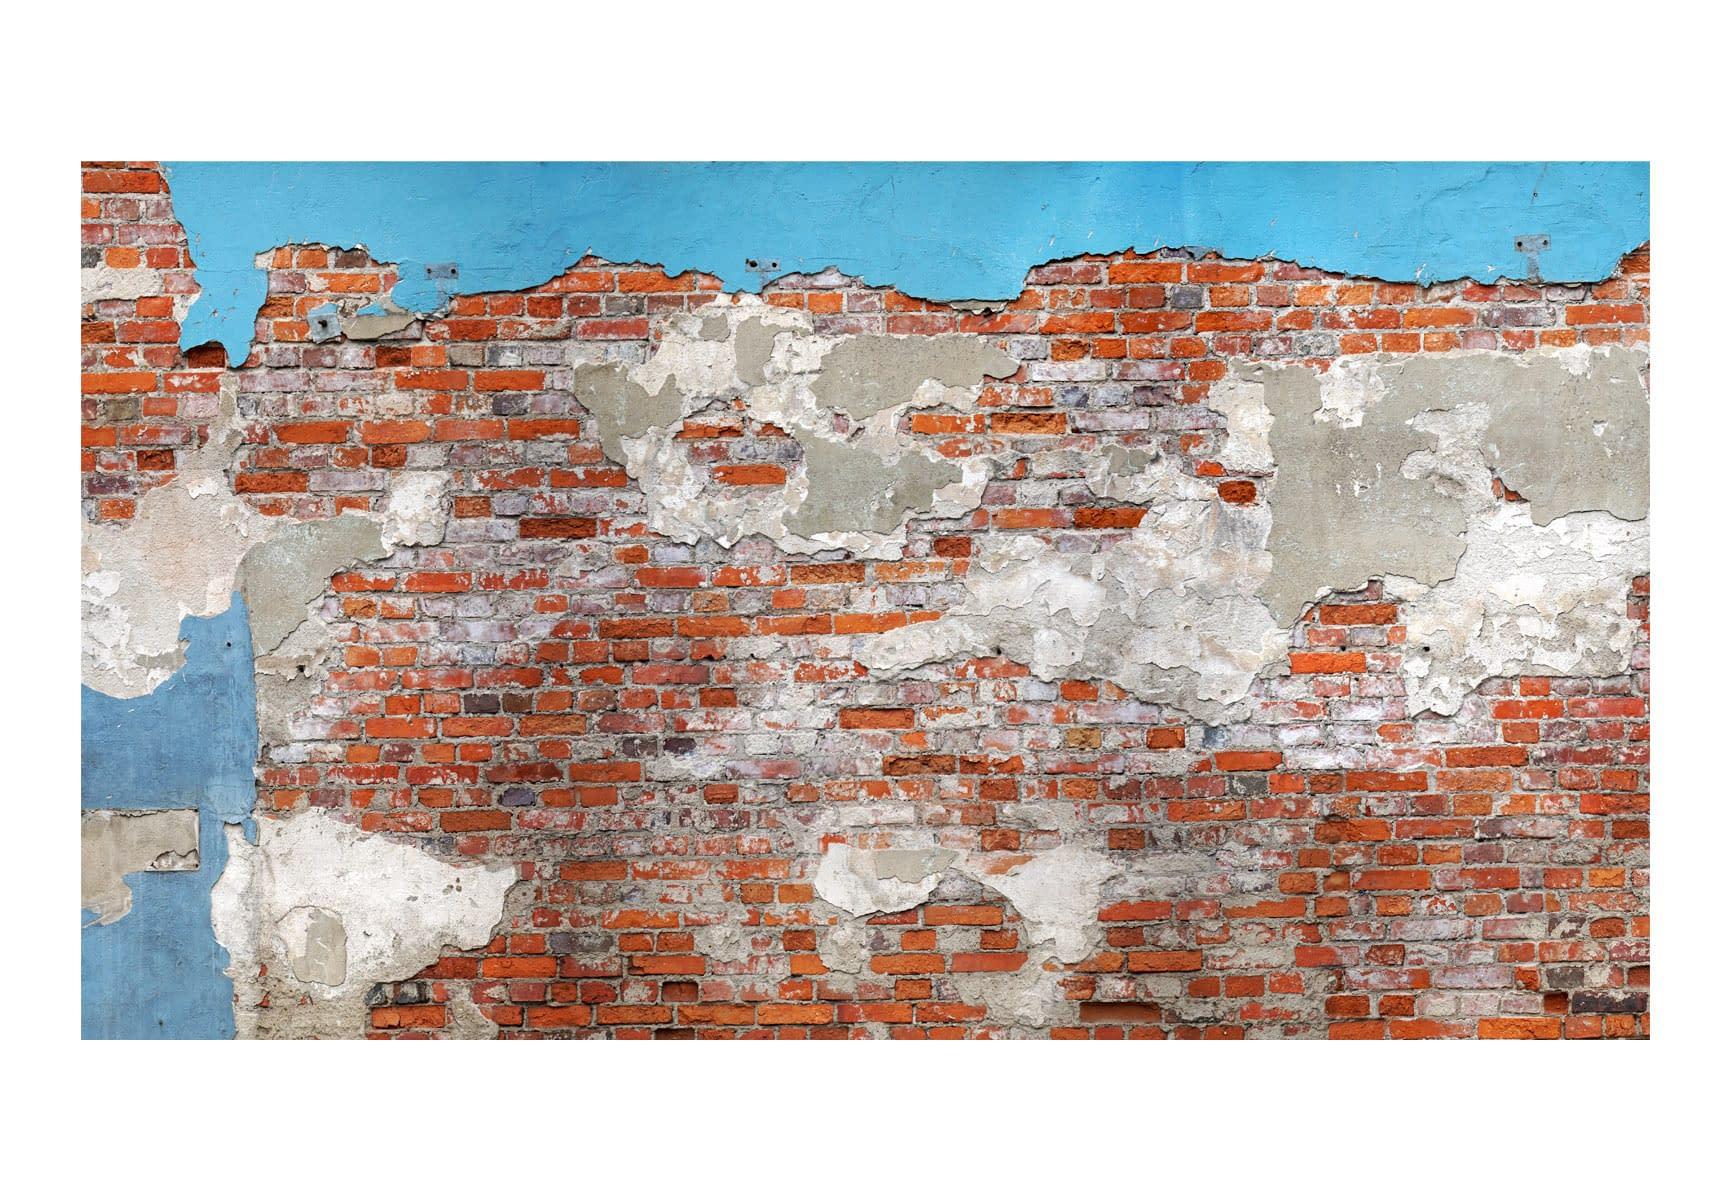 Fototapeta samoprzylepna – Tajemnice muru II